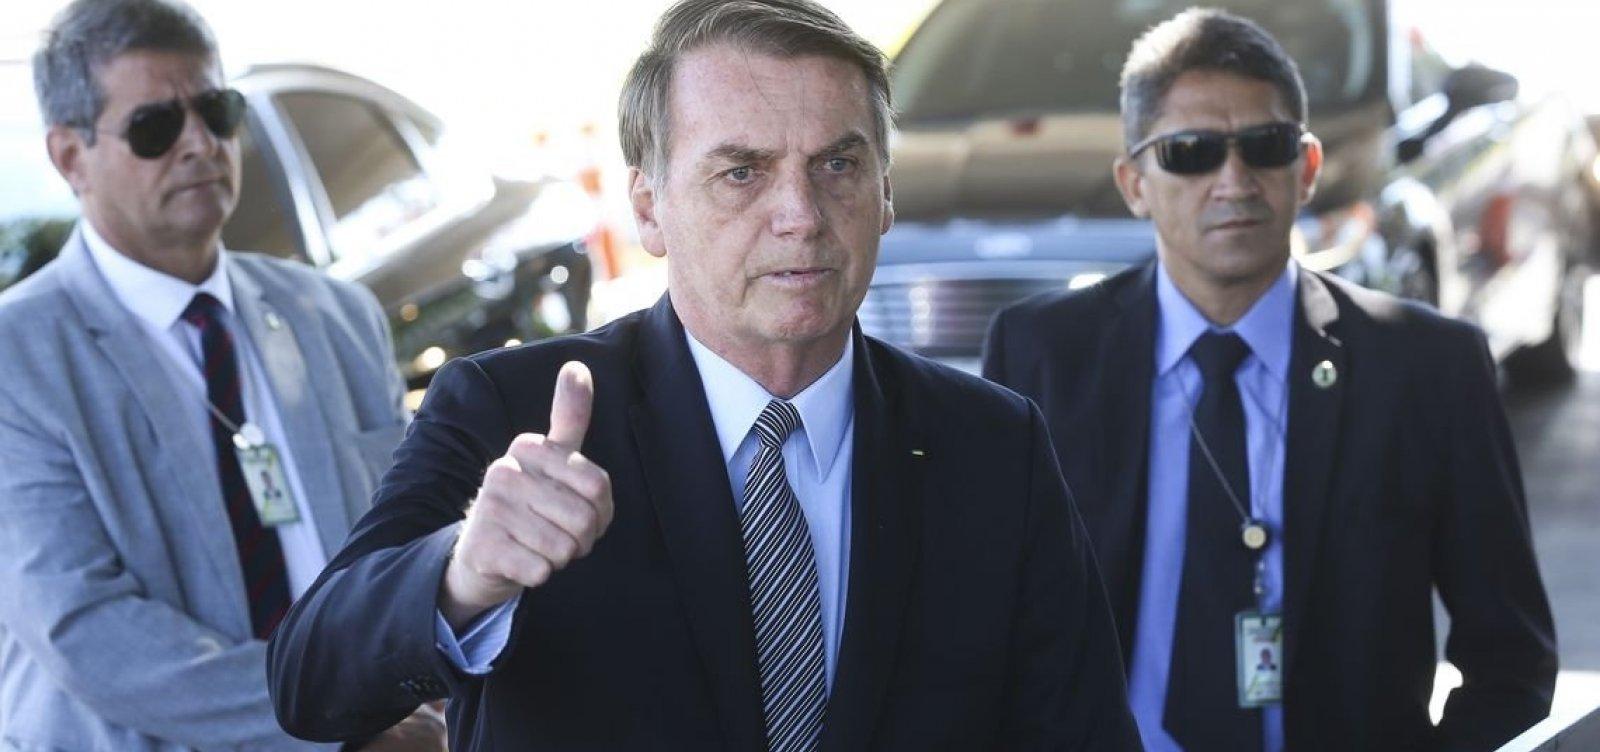 [Não quero tomar o PSL de ninguém, diz Bolsonaro sobre atritos com Bivar]